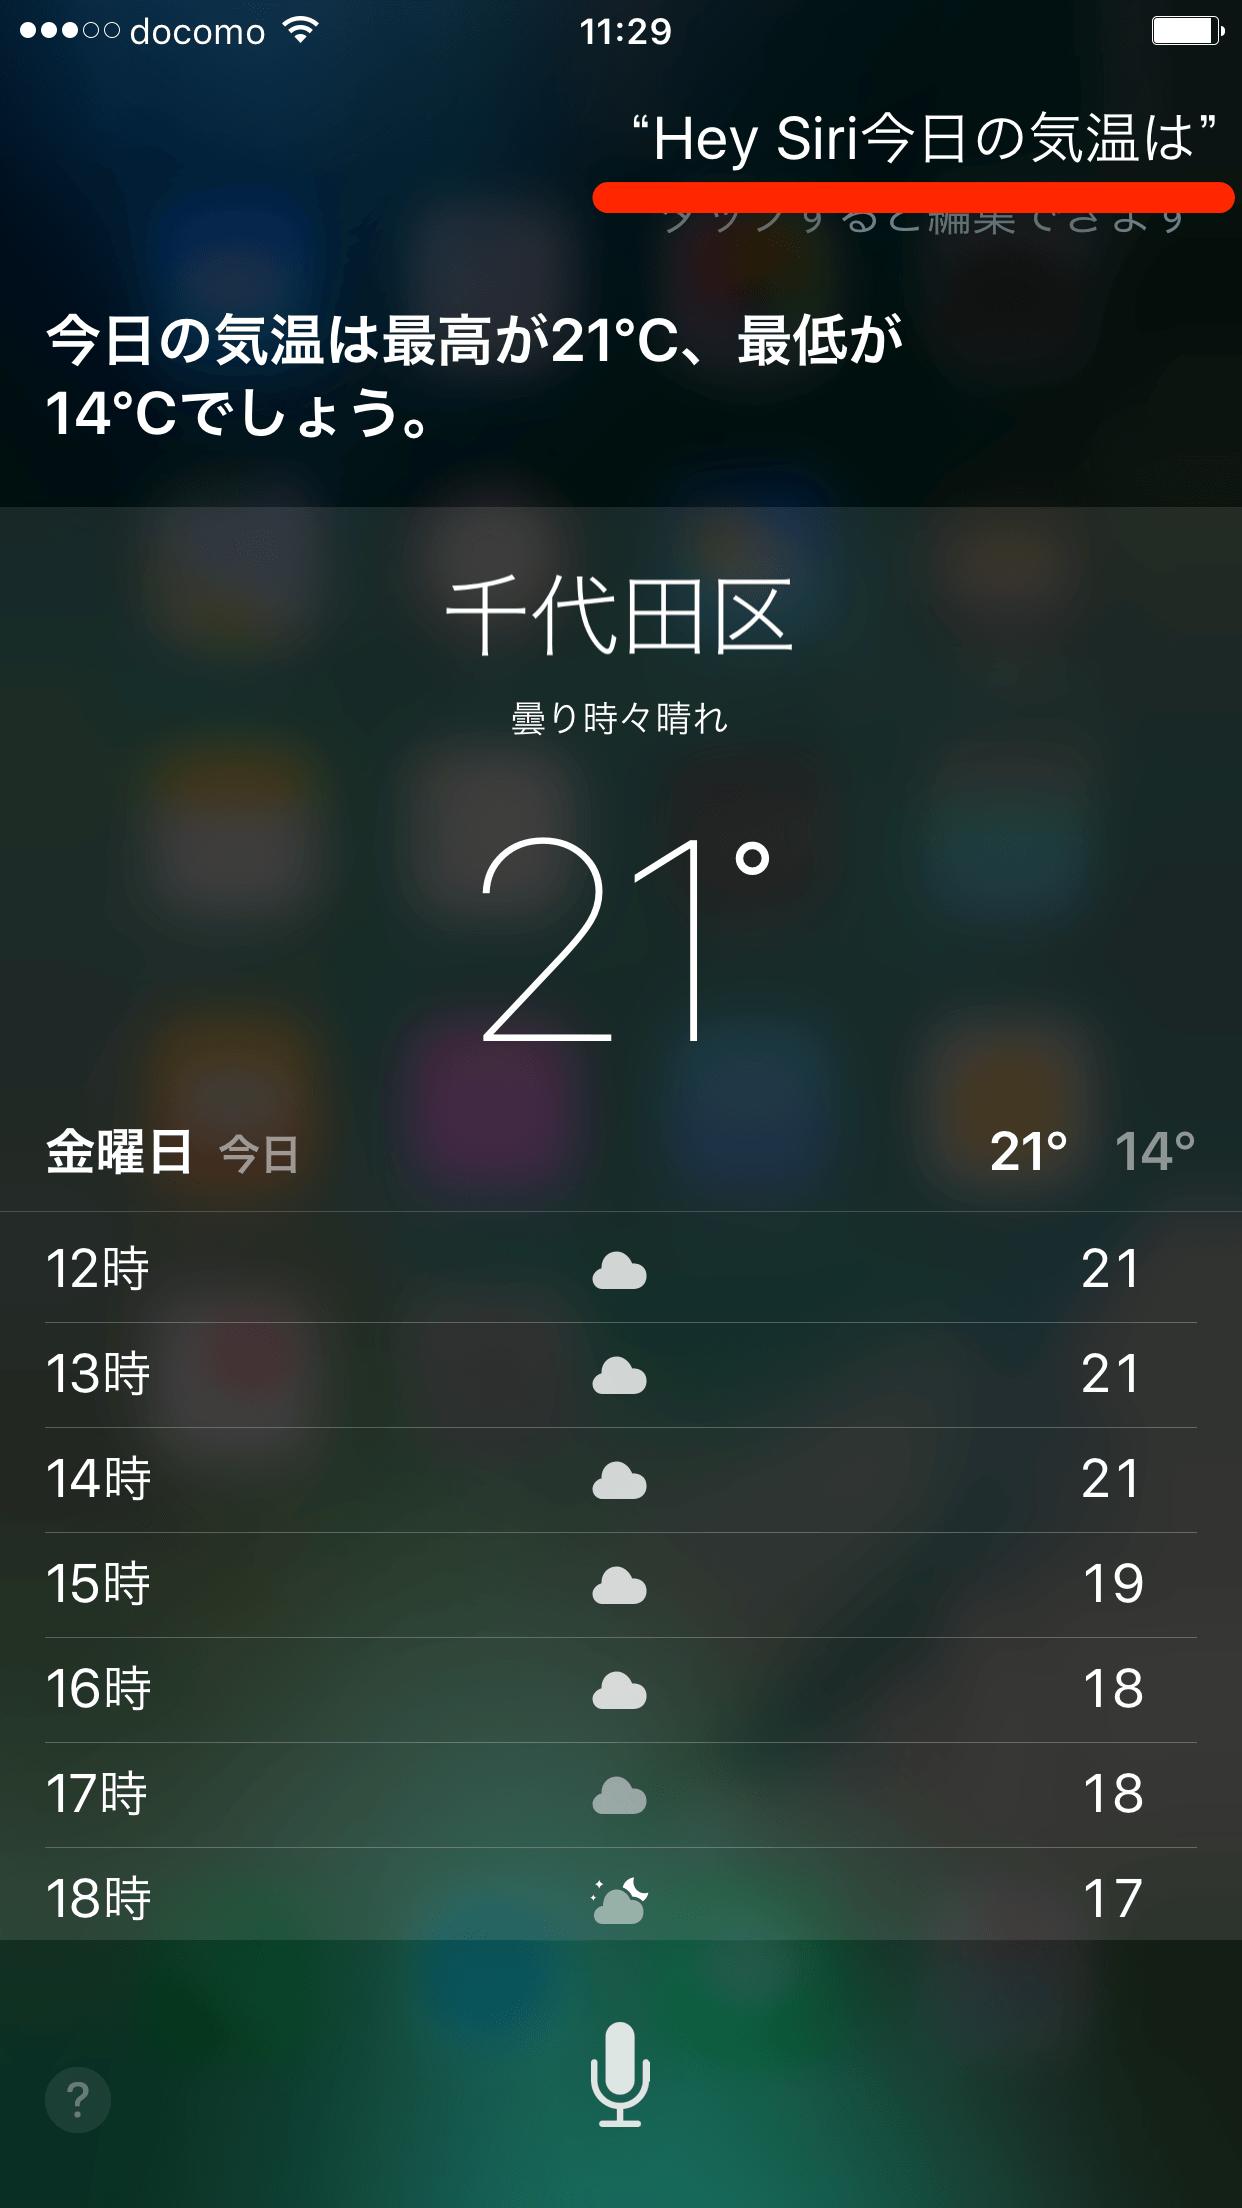 Hey Siriの使い方